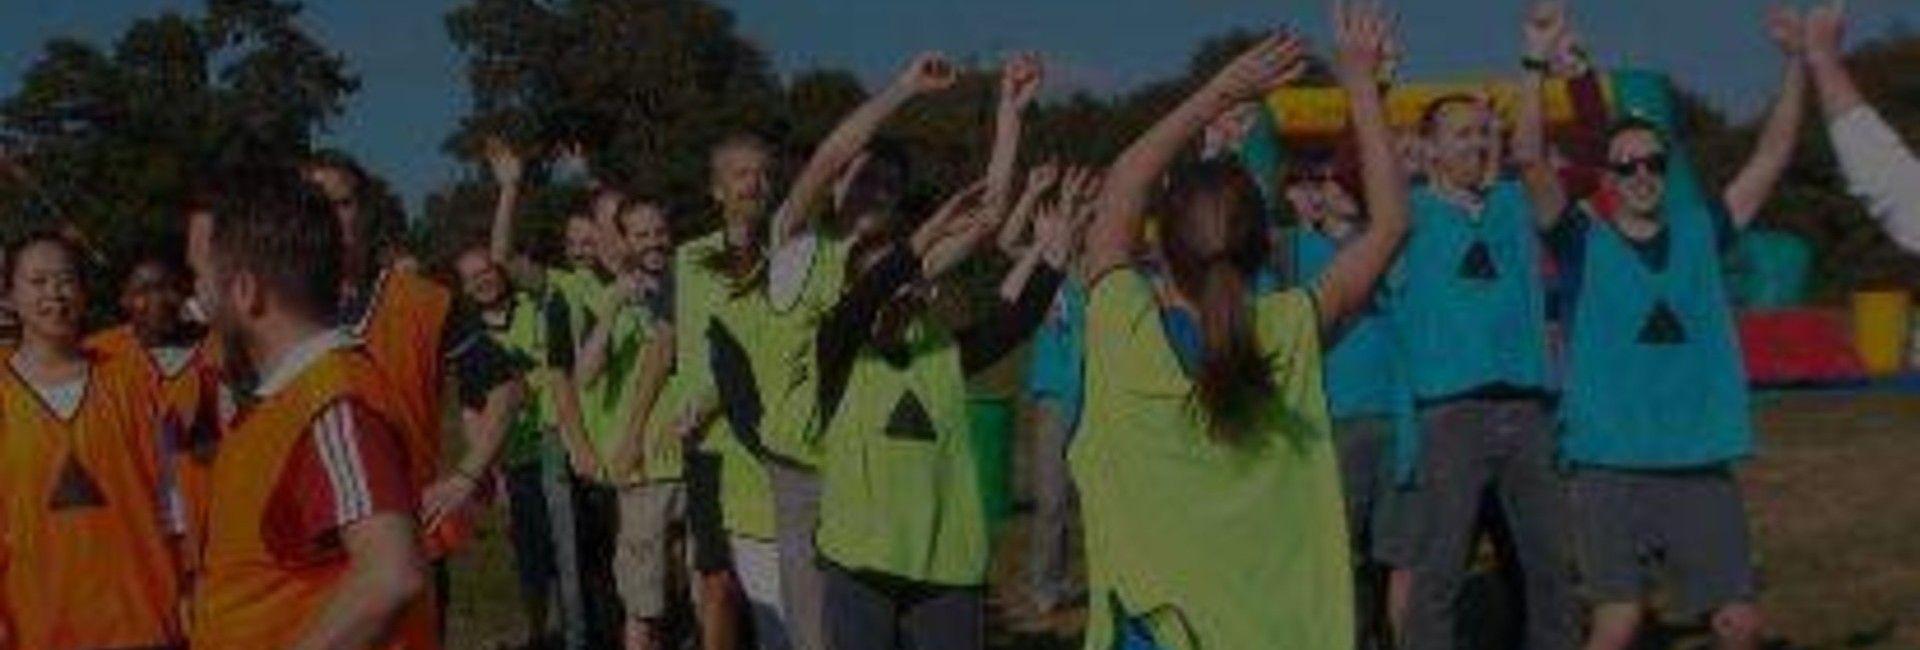 top 5 outdoor team building activities for summer